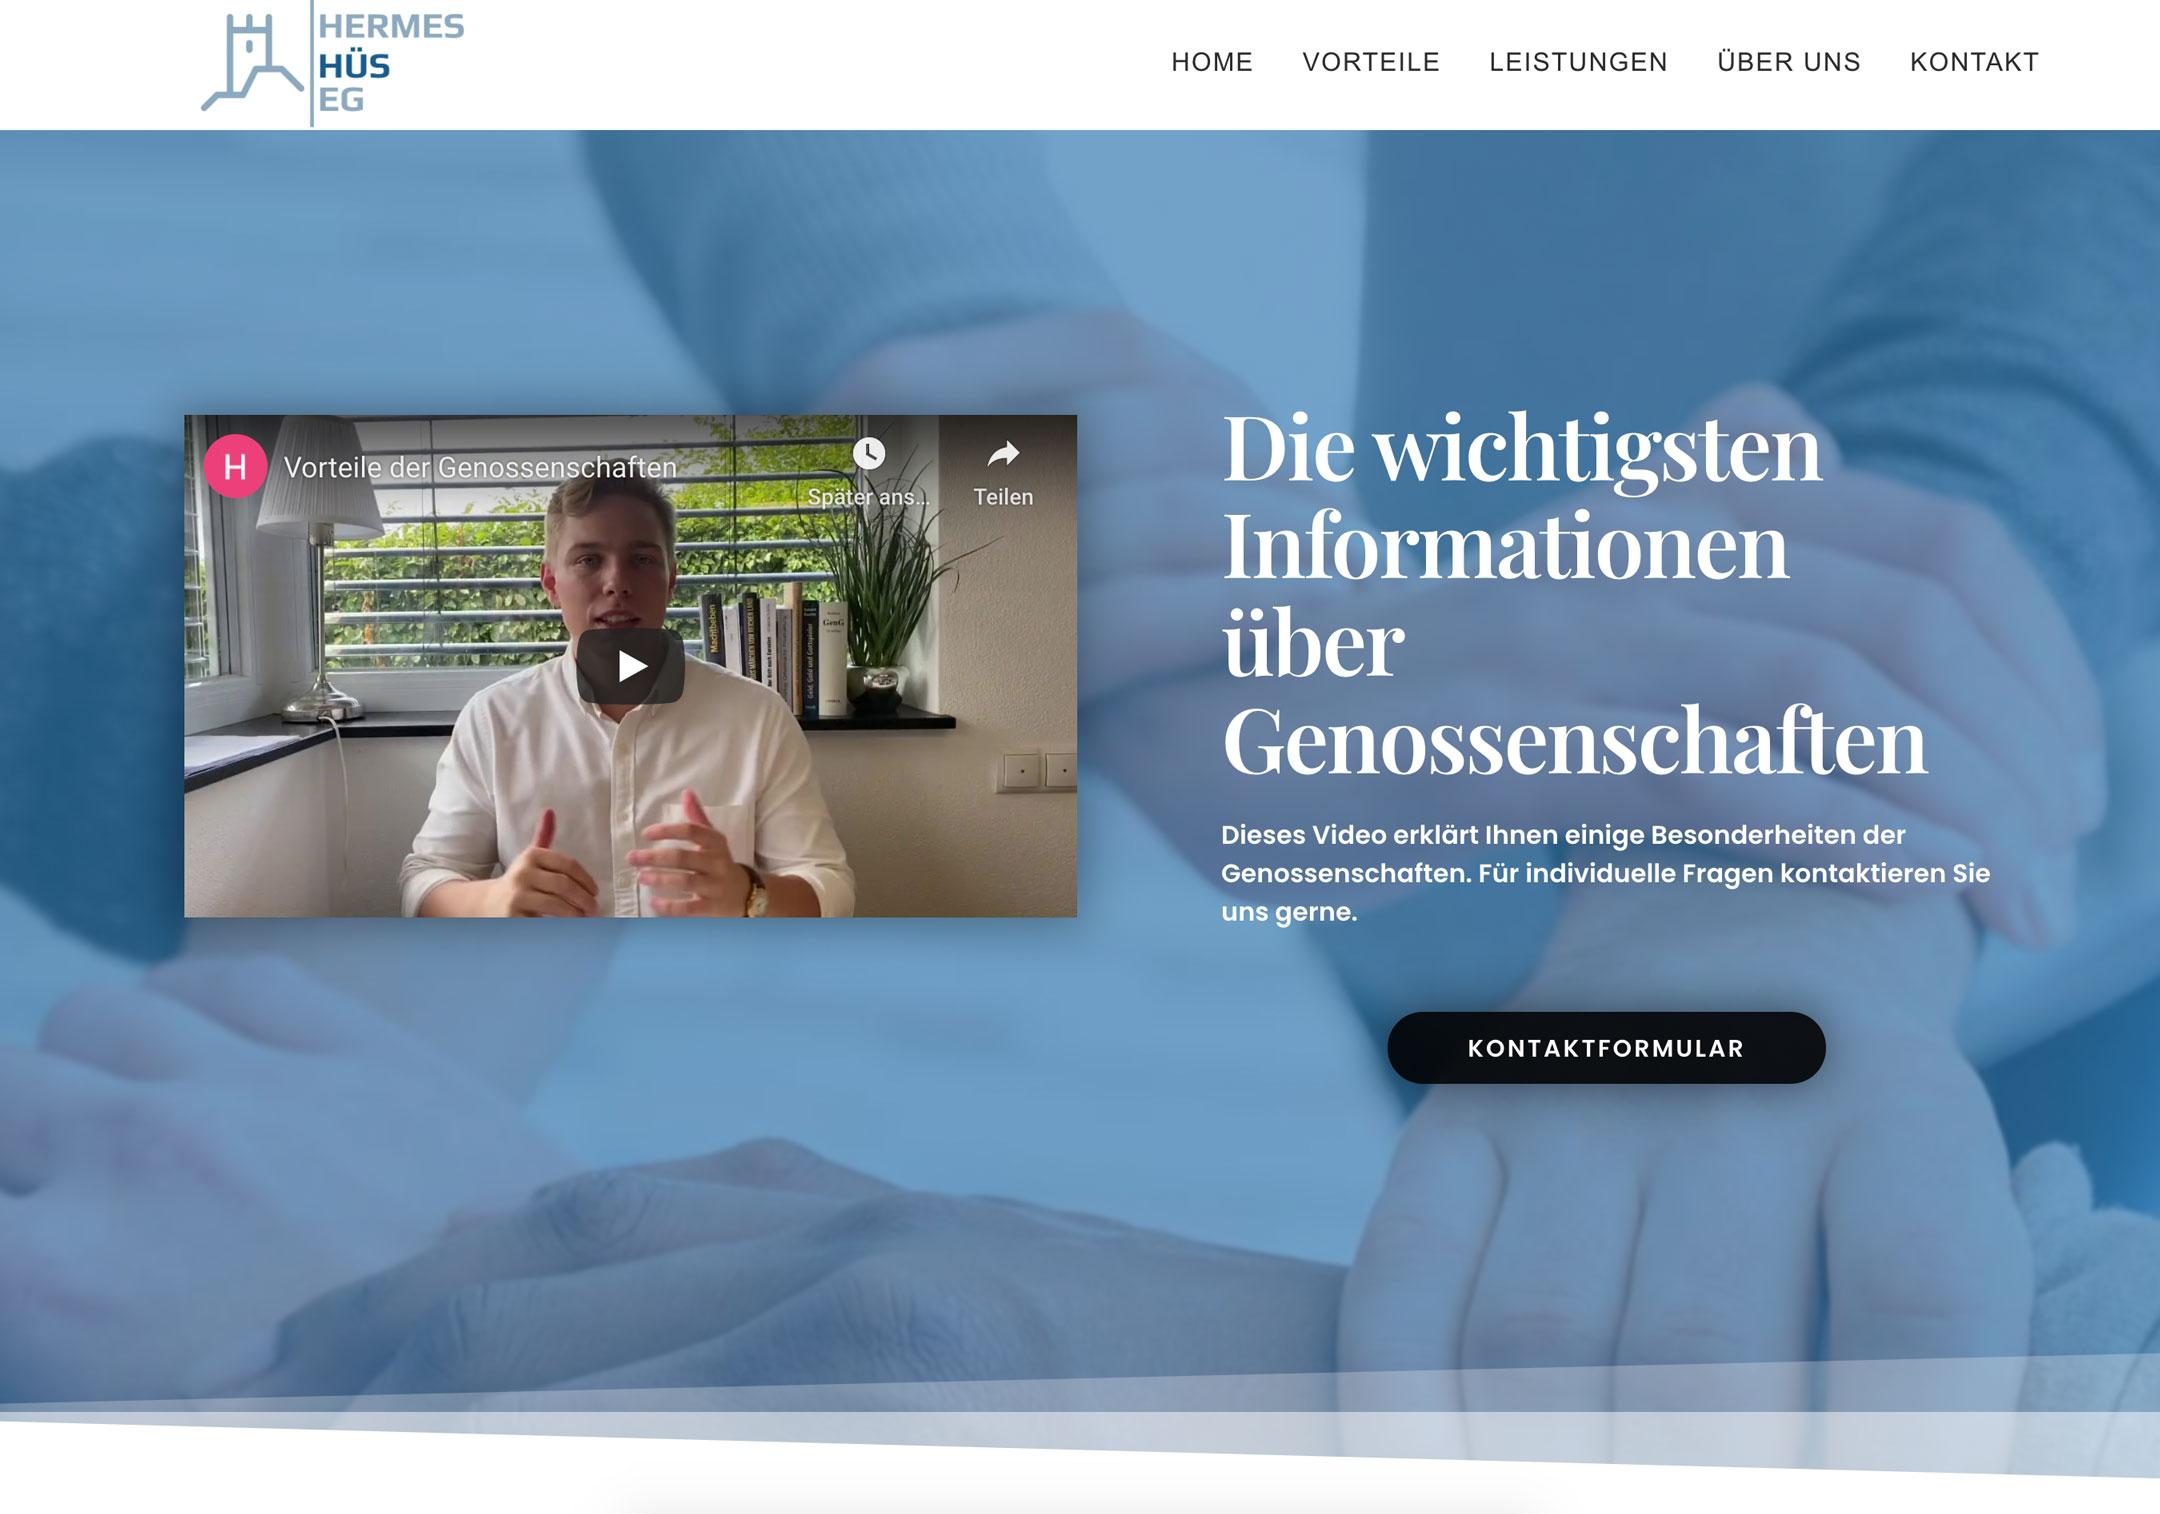 Hermes - Hüs - EG Eine Website die von Steven Braun erstellt wurde